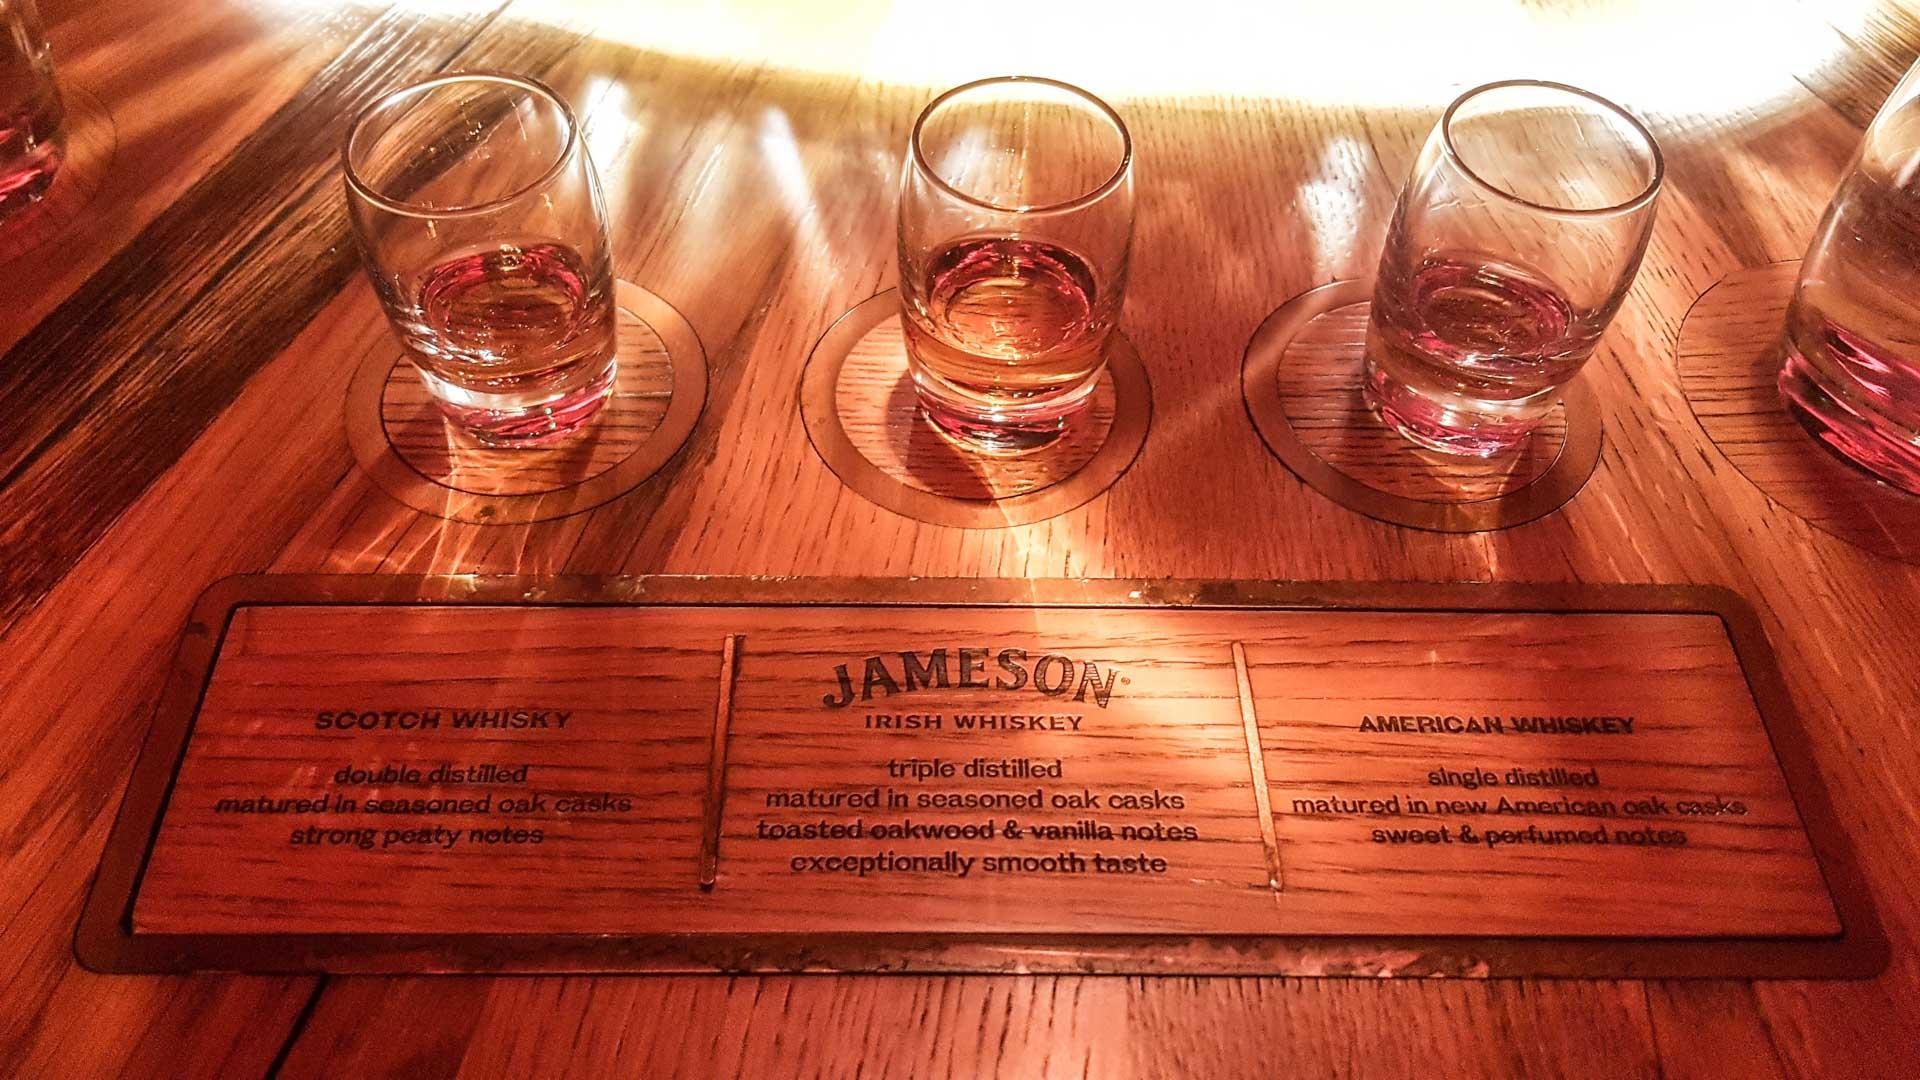 Cata de whiskys: escocés, irlandés y americano